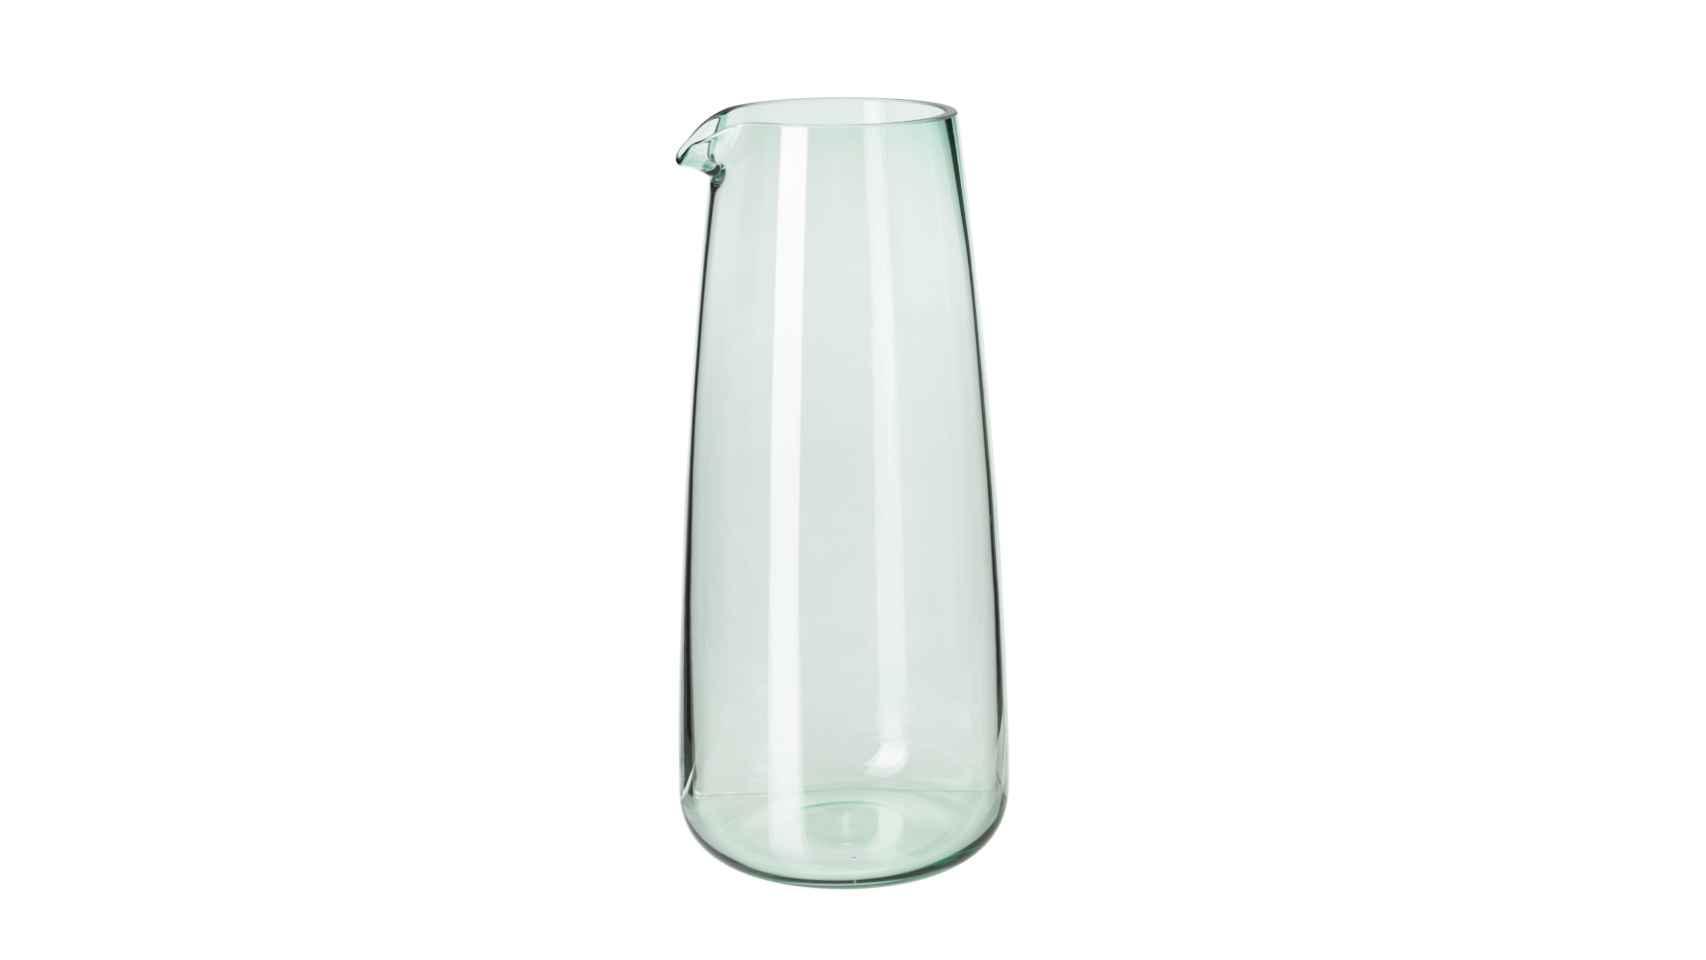 Una jarra de agua. Para que no tengas que levantarte en medio de la noche e interrumpir tu descanso. Trata que sea siempre de cristal para mantener mejor el agua y que puedas mantenerla todo el día en tu mesilla. | Foto: Una jarra de cristal IKEA como ésta es perfecta, pues se confunde con un jarrón y nadie se dará cuenta de que es tu rescate nocturno.